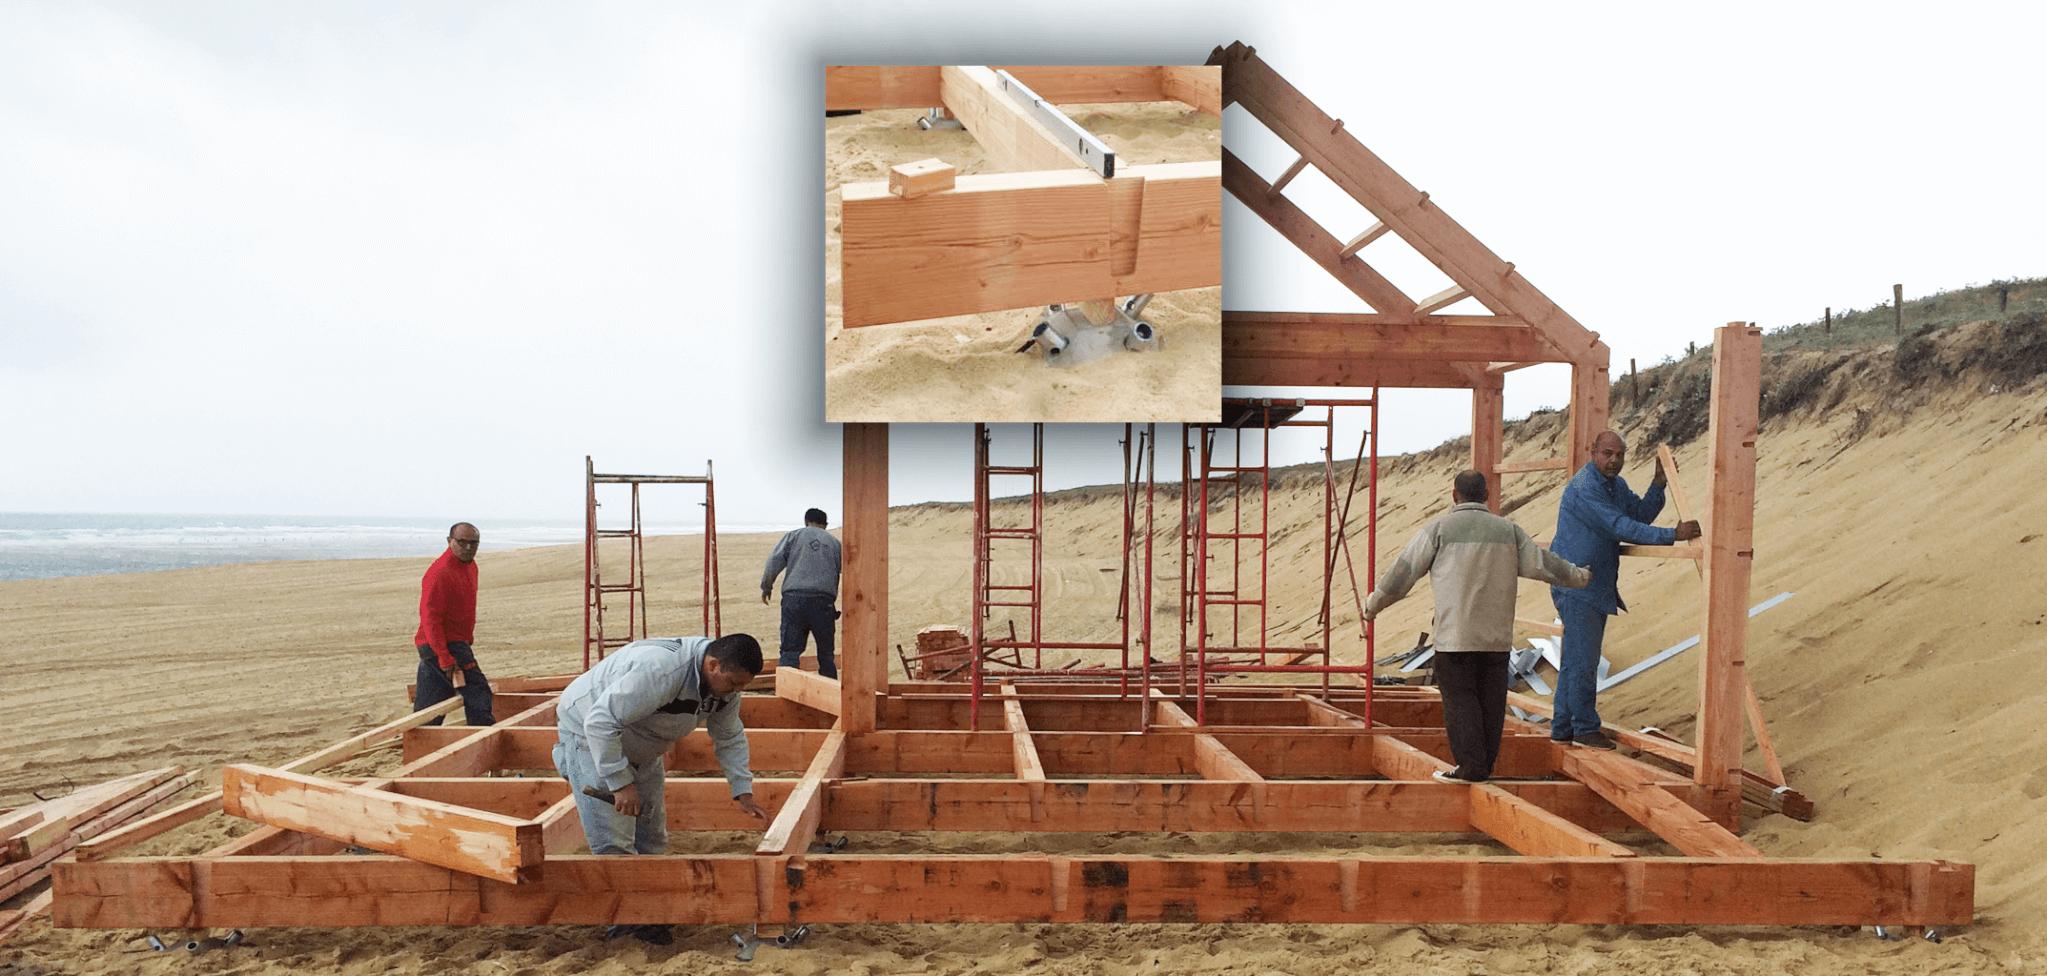 Piloedre es la cimentación prefabricada, de fácil instalación, desmontable y reutilizable